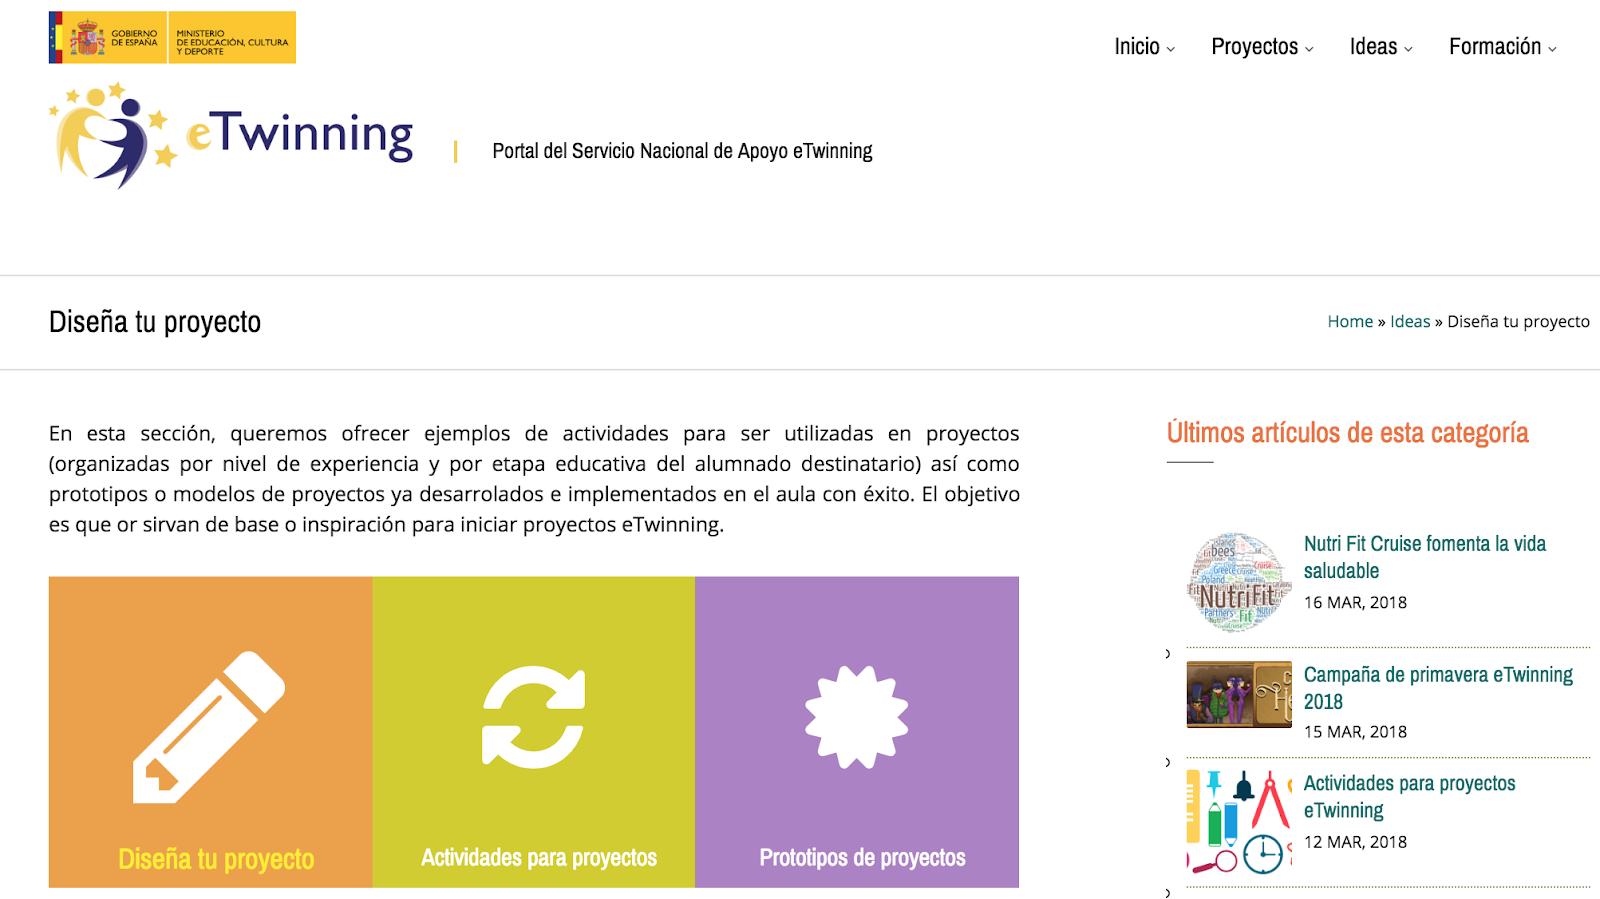 Ejemplos de actividades para proyectos eTwinning